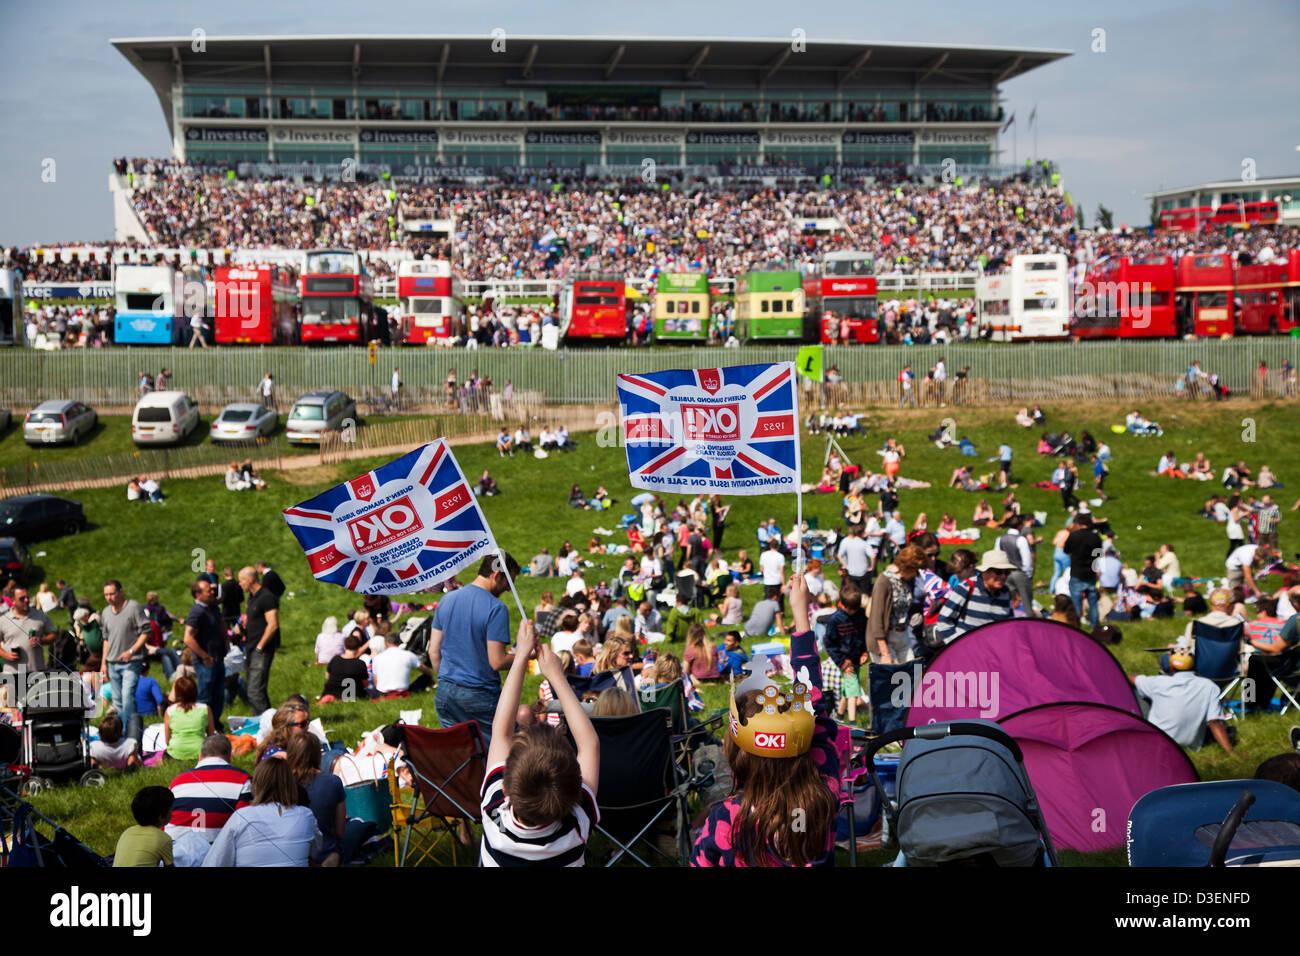 Vista de la tribuna en el Hipódromo de Epsom Downs Imagen De Stock